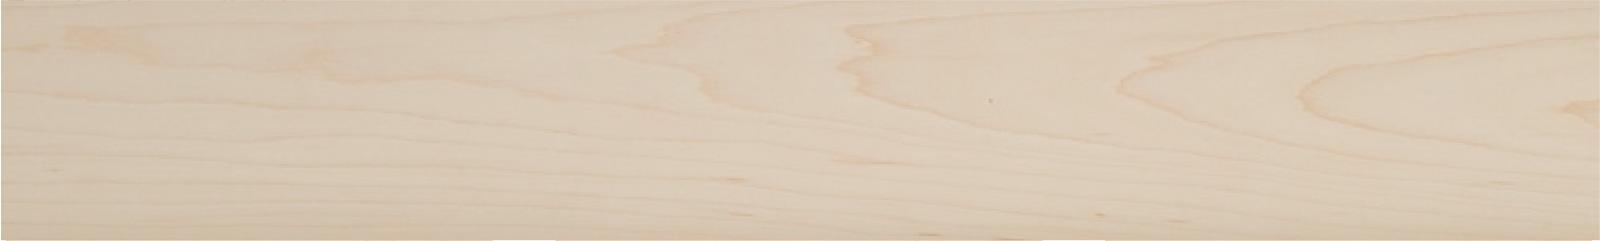 Débit sur dosse - Composantes pour manche de guitare - Champeau L'excellence en bois franc